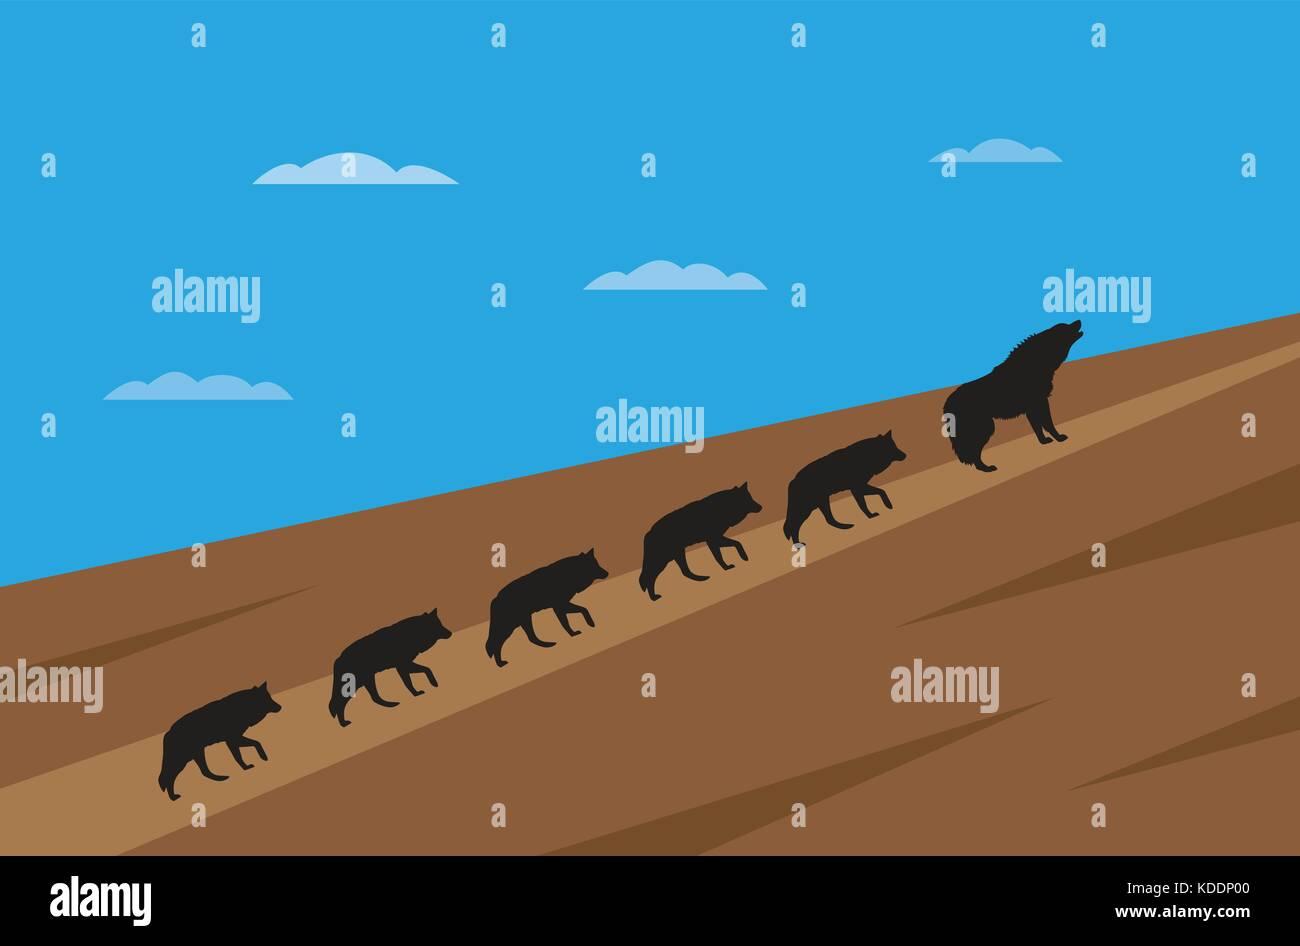 Pack de wolfes concepto de liderazgo Imagen De Stock